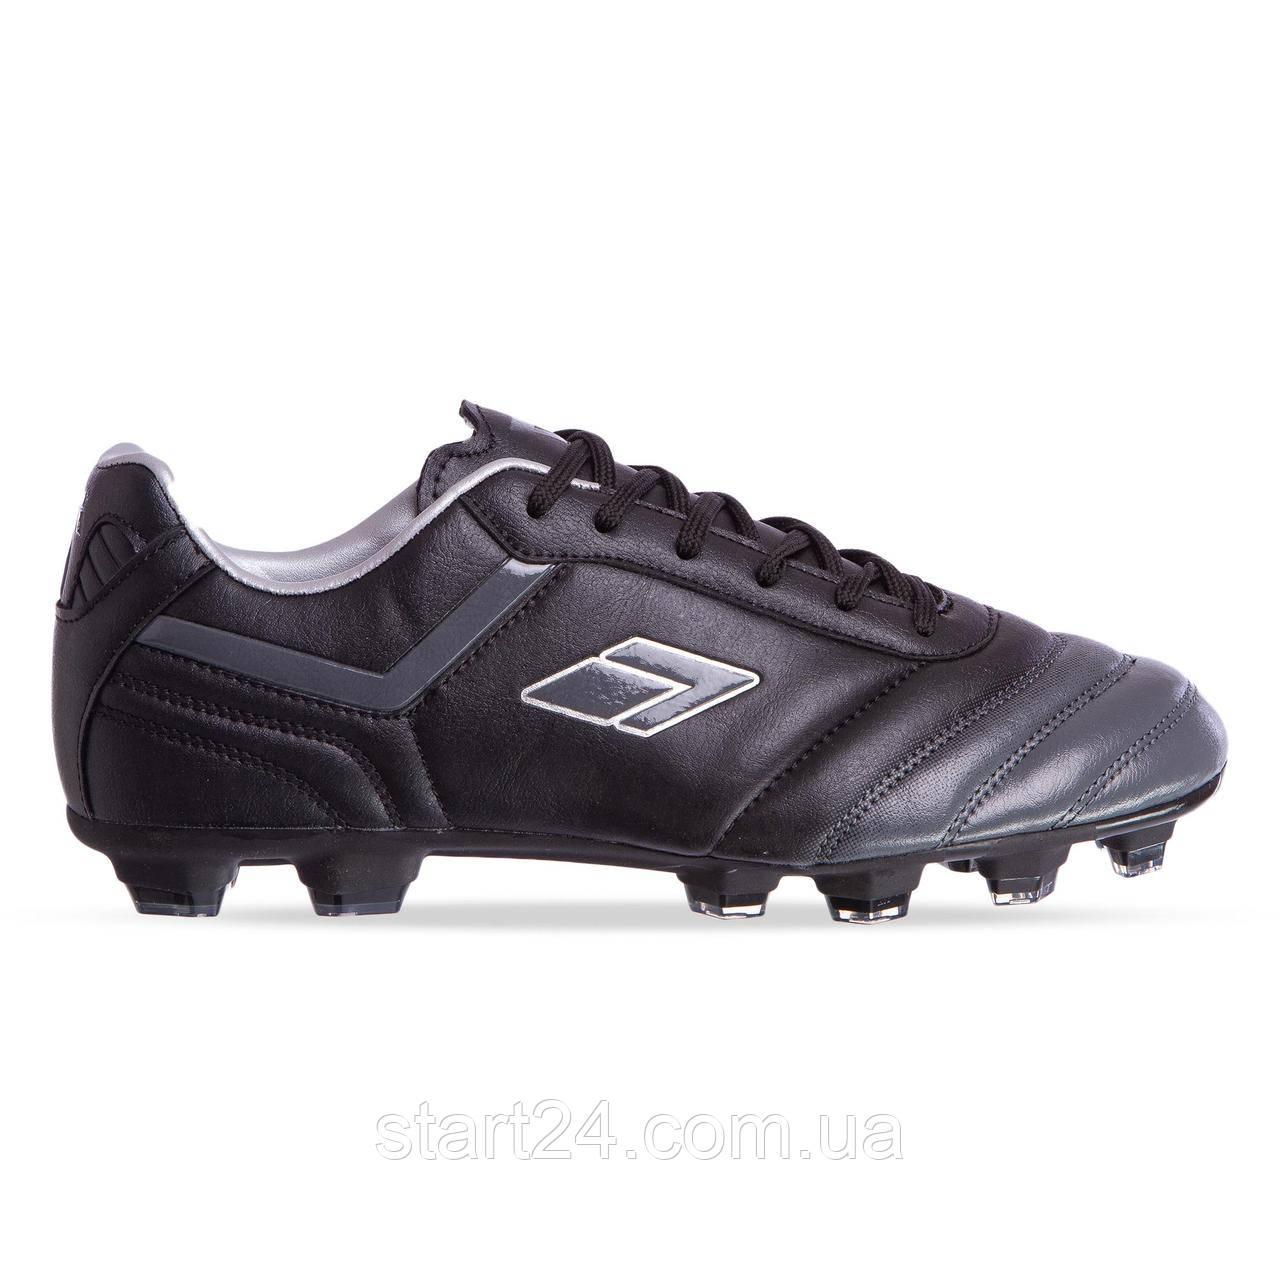 Бутси футбольна взуття OWAXX TR9-4M розмір 40-44